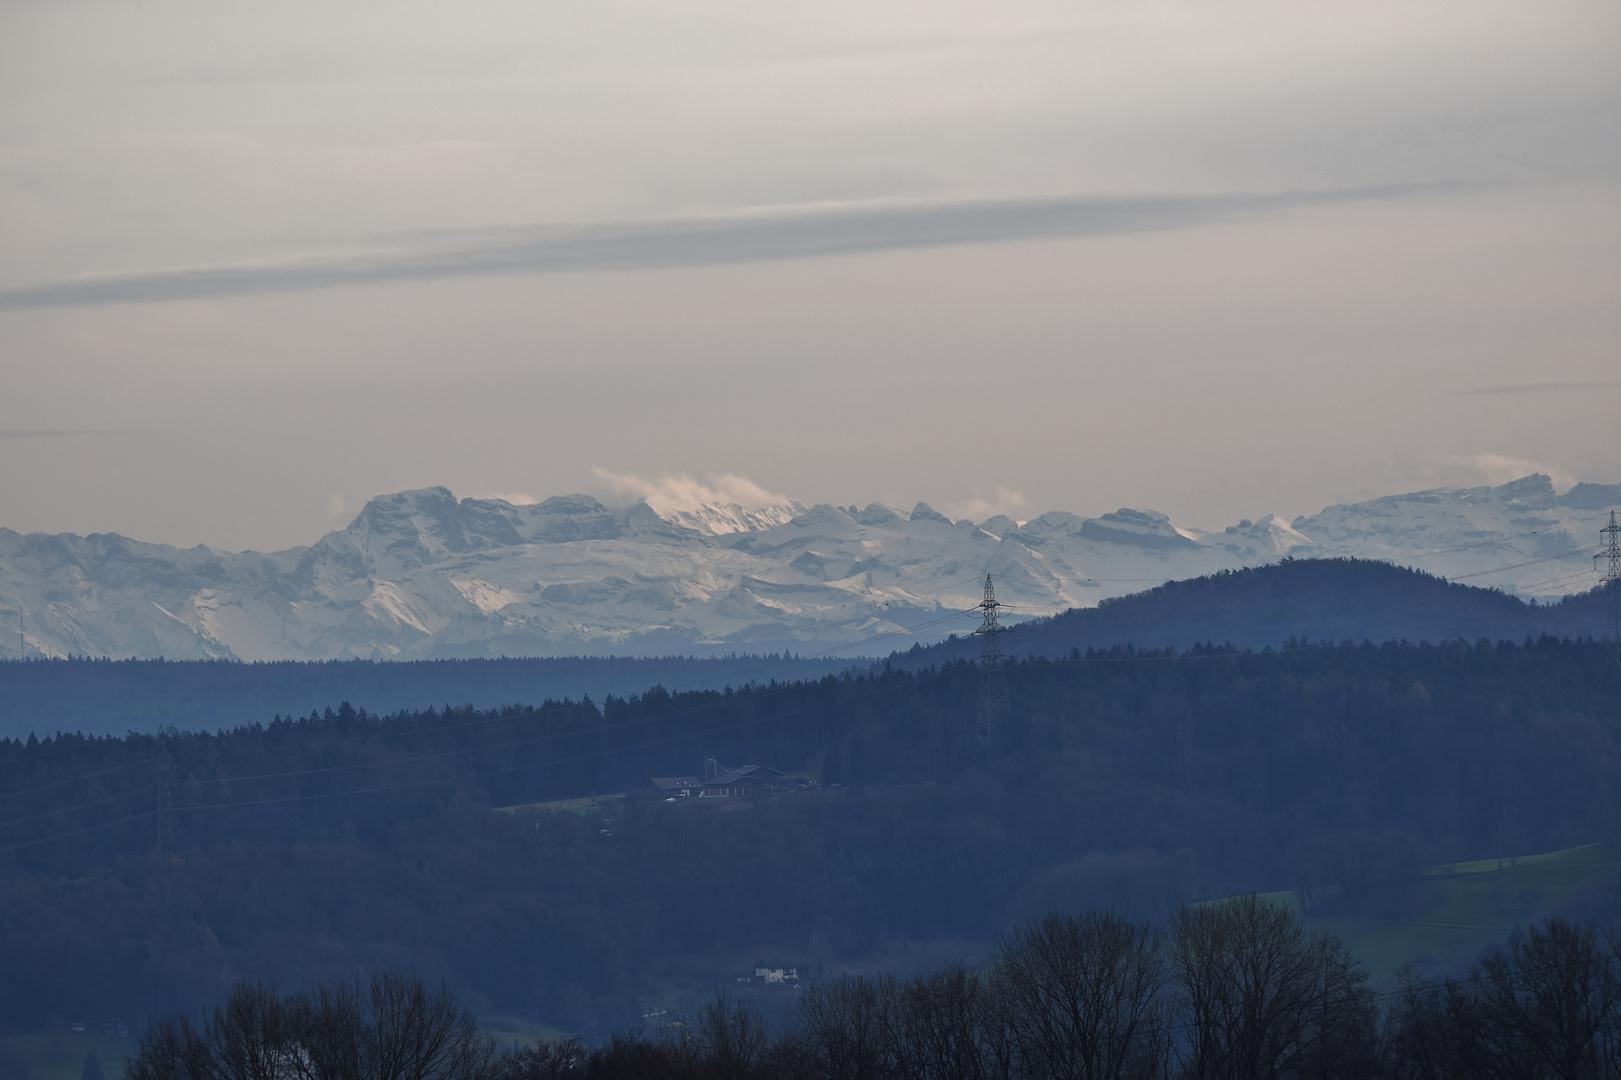 Schweizer Alpen gute Fernsicht vom Hochrhein